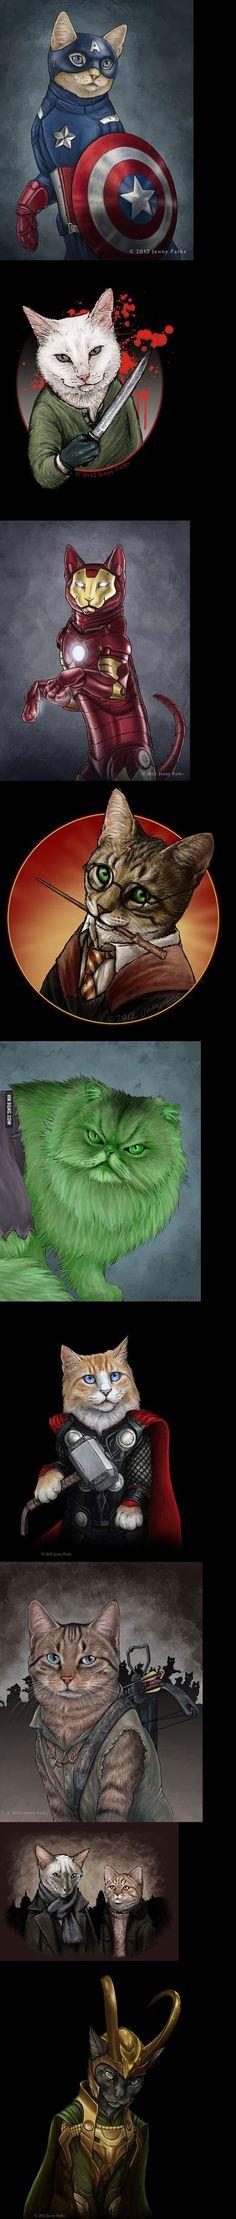 Super-Cats by Jenny Parks